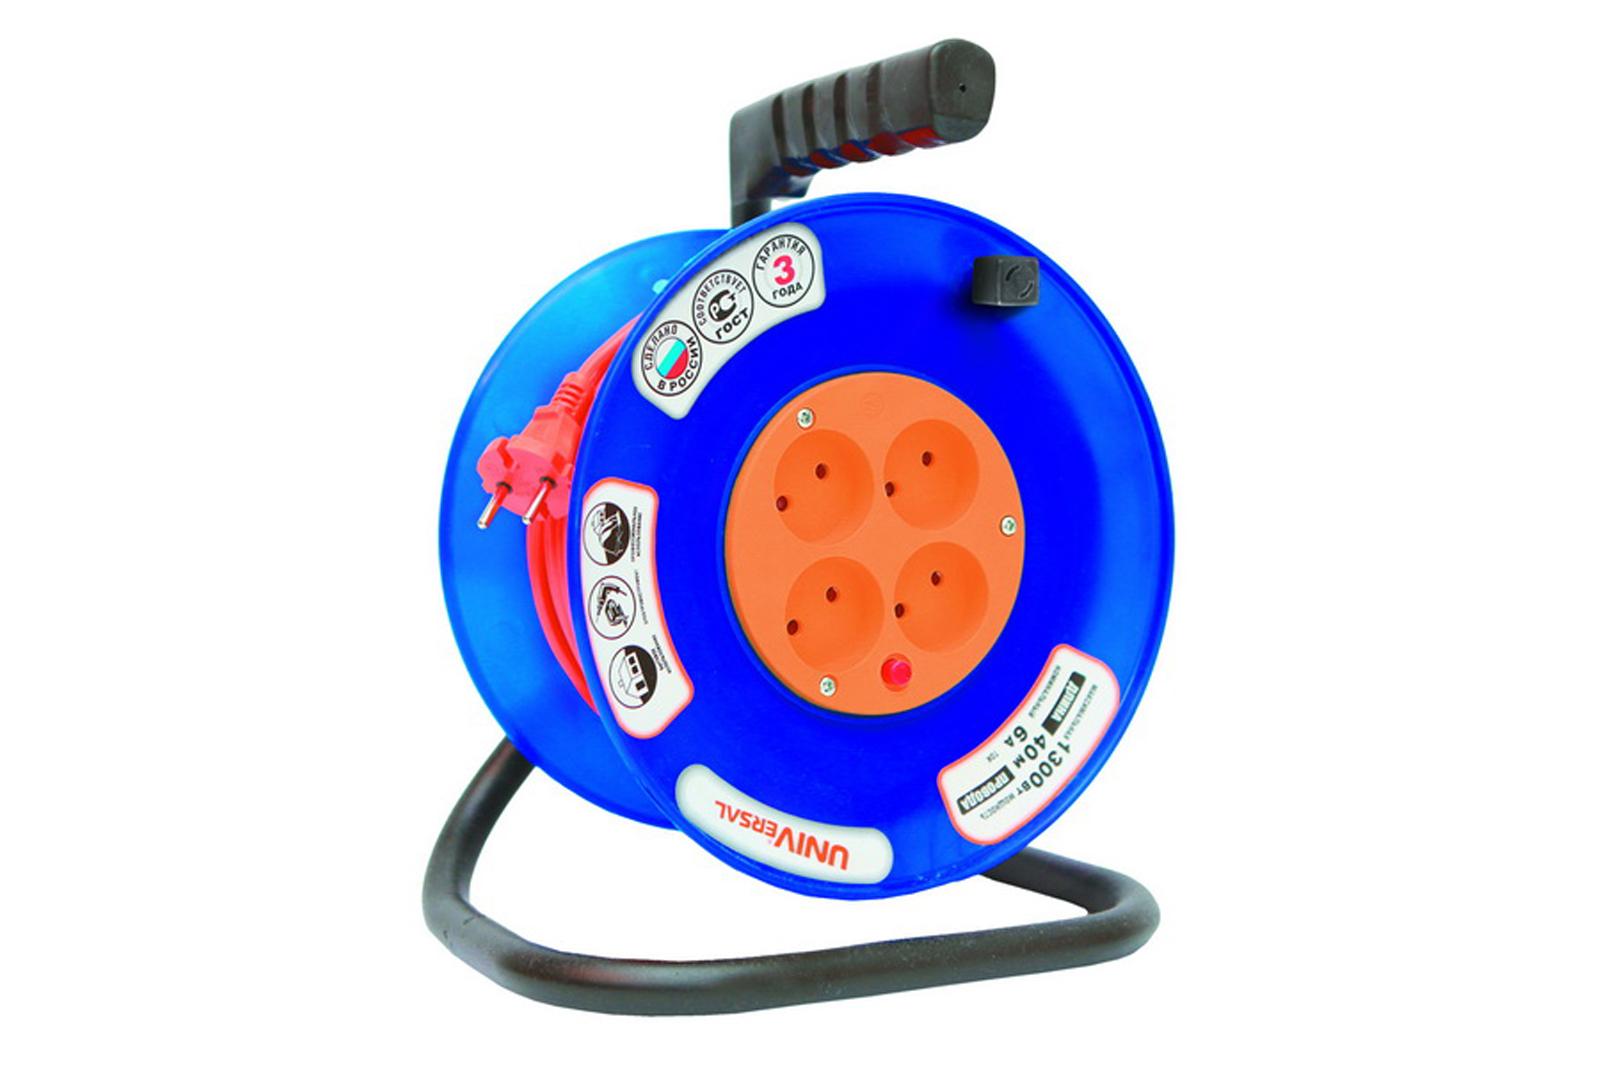 Удлинитель Universal ВЕМ-250 термо ПВС 2*0,75 4гнезда 30м цены онлайн